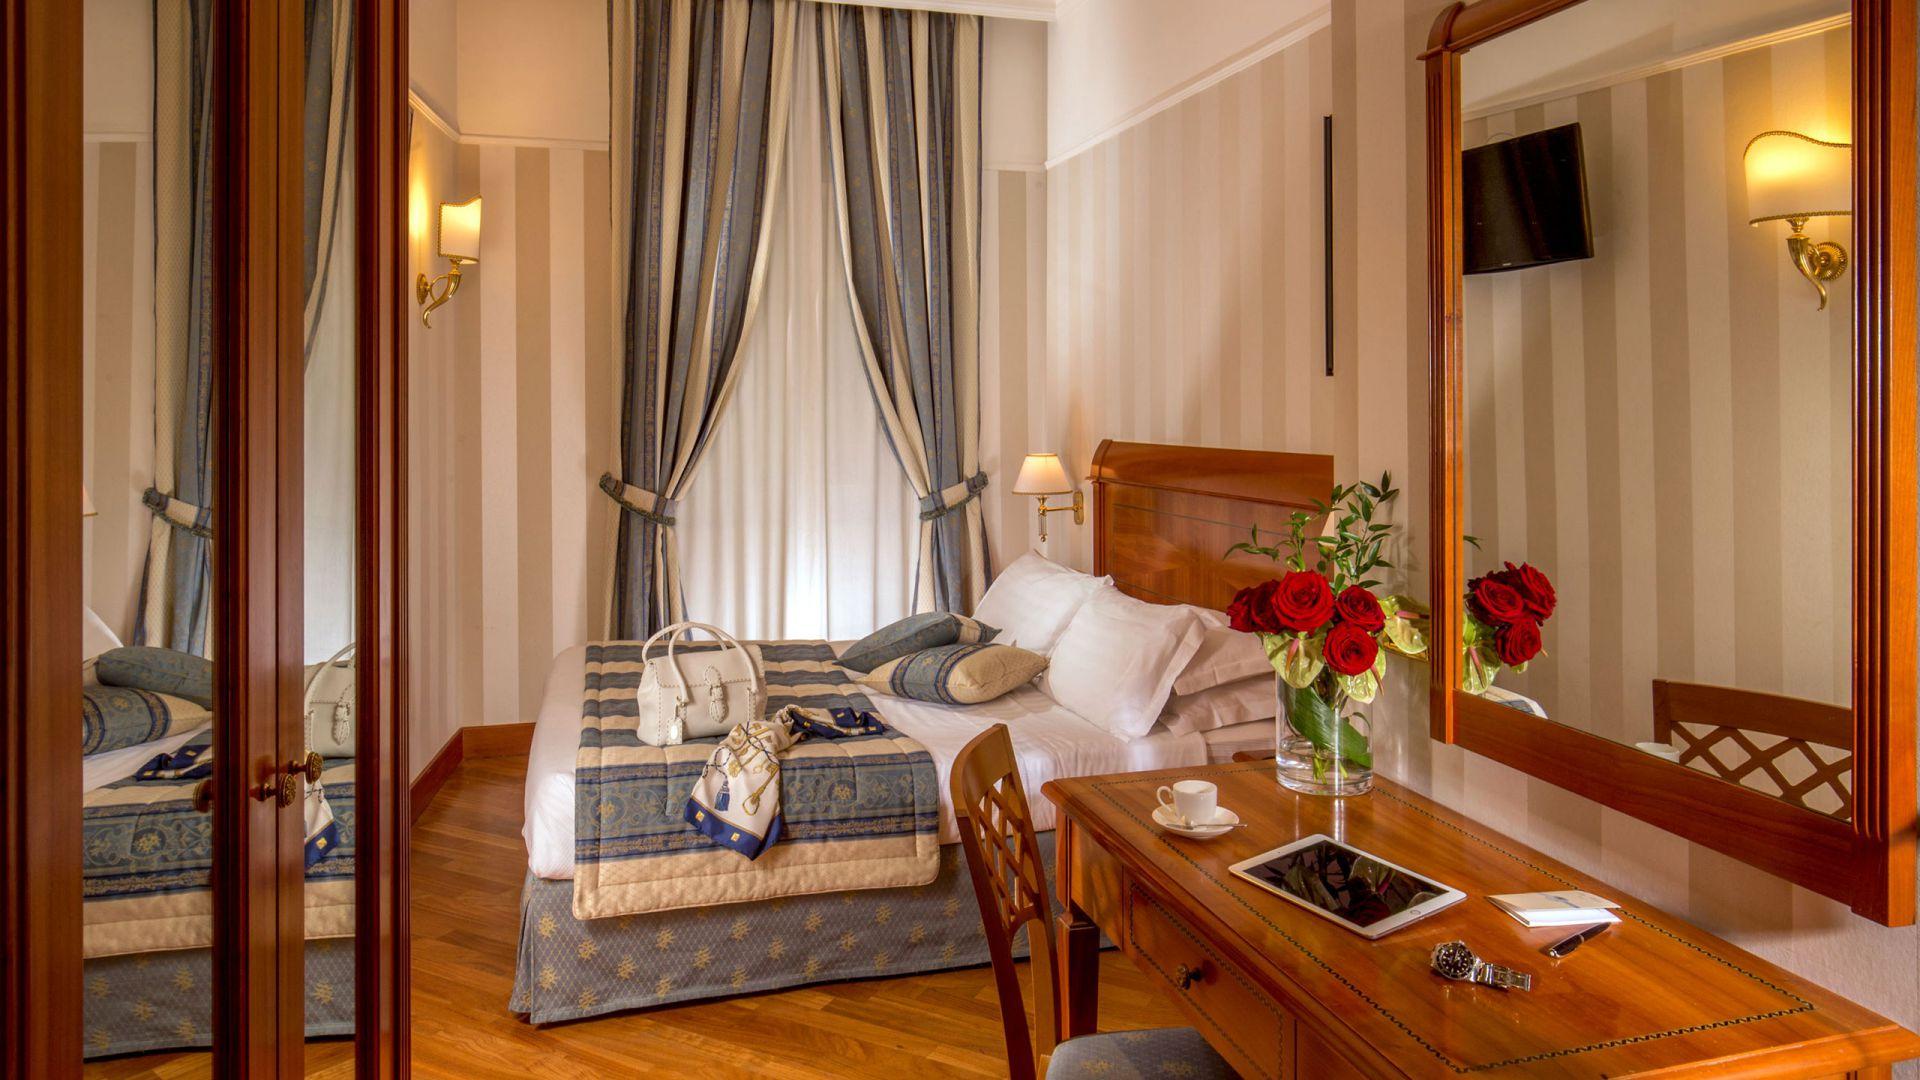 albergo-ottocento-roma-doppia-classic-01